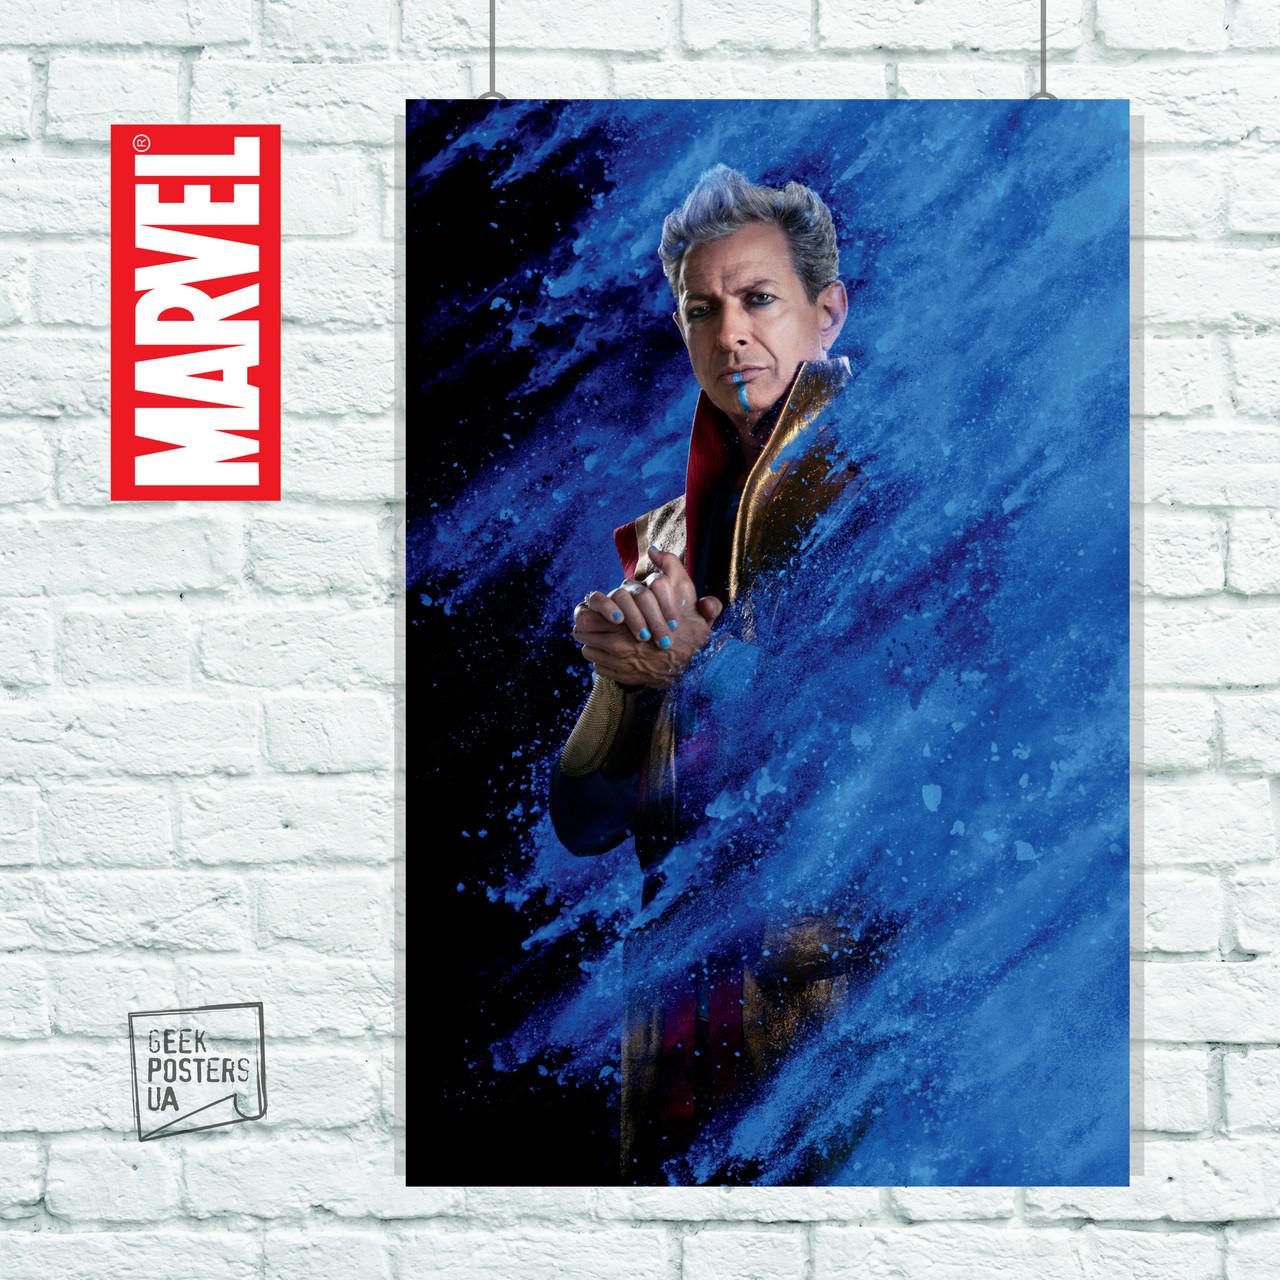 Постер Thor: Ragnarok, Тор: Рагнарёк (Грандмастер). Размер 60x42см (A2). Глянцевая бумага